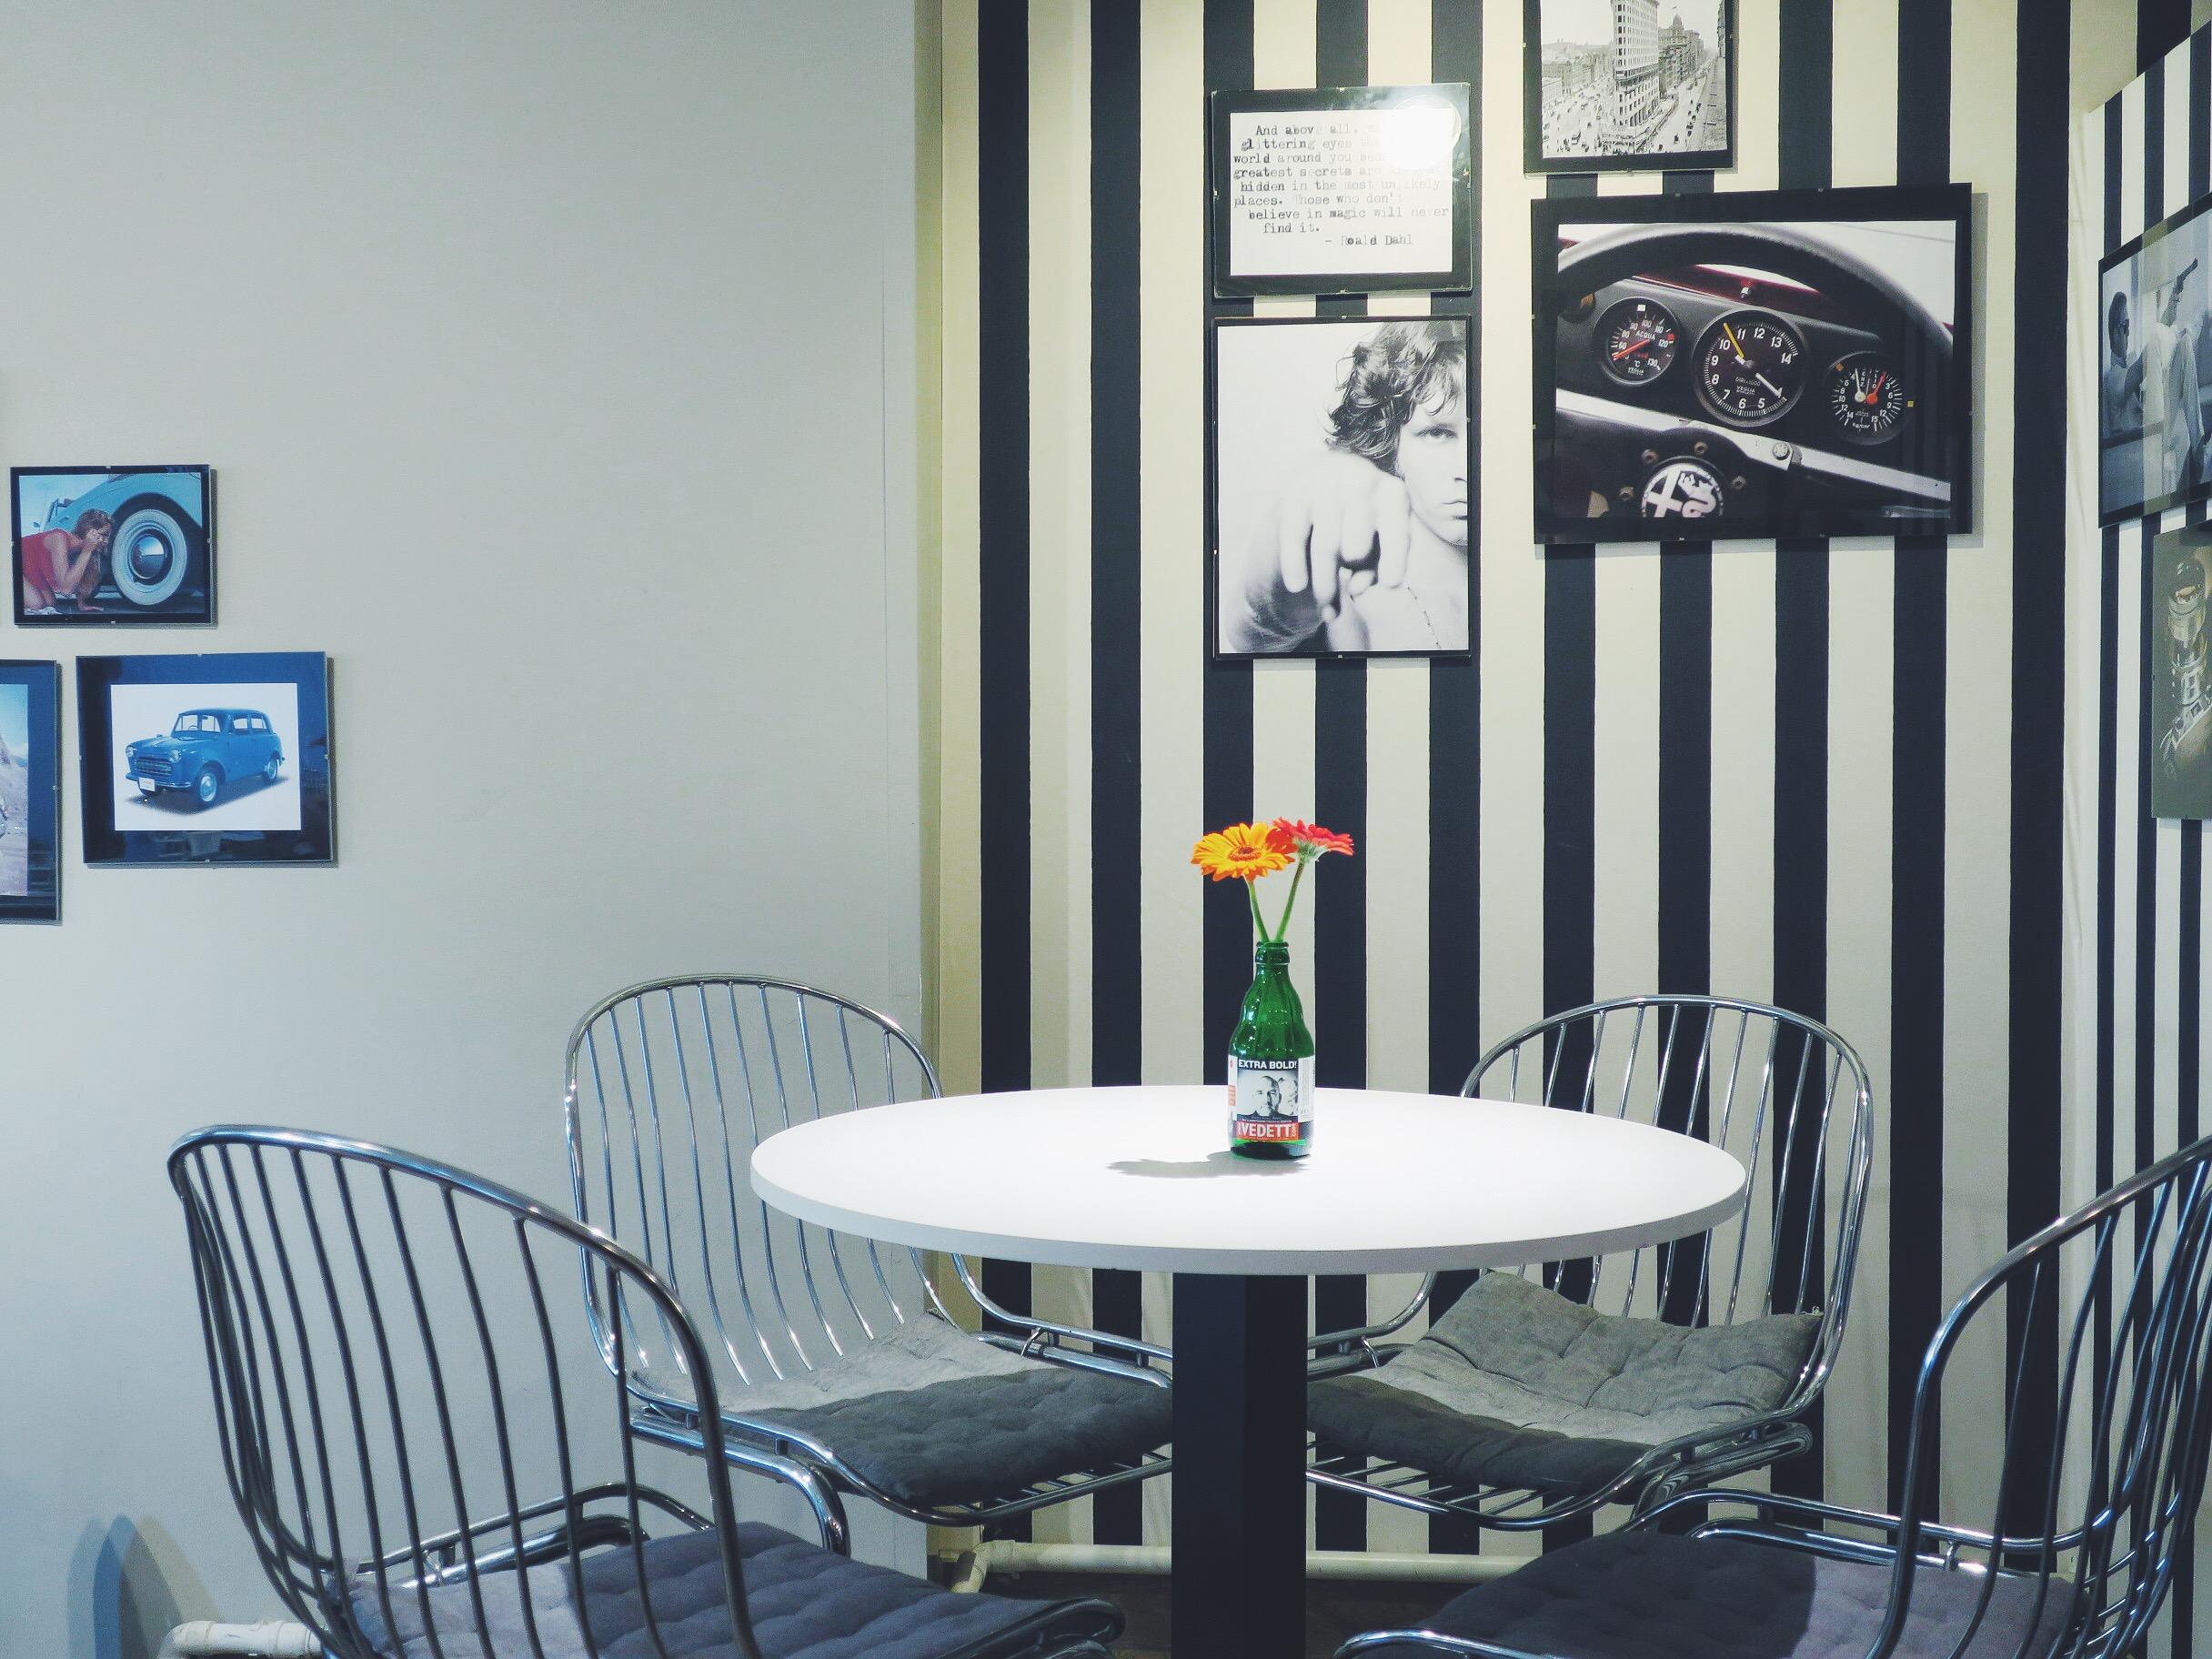 Quiche Café, Botermarkt 11